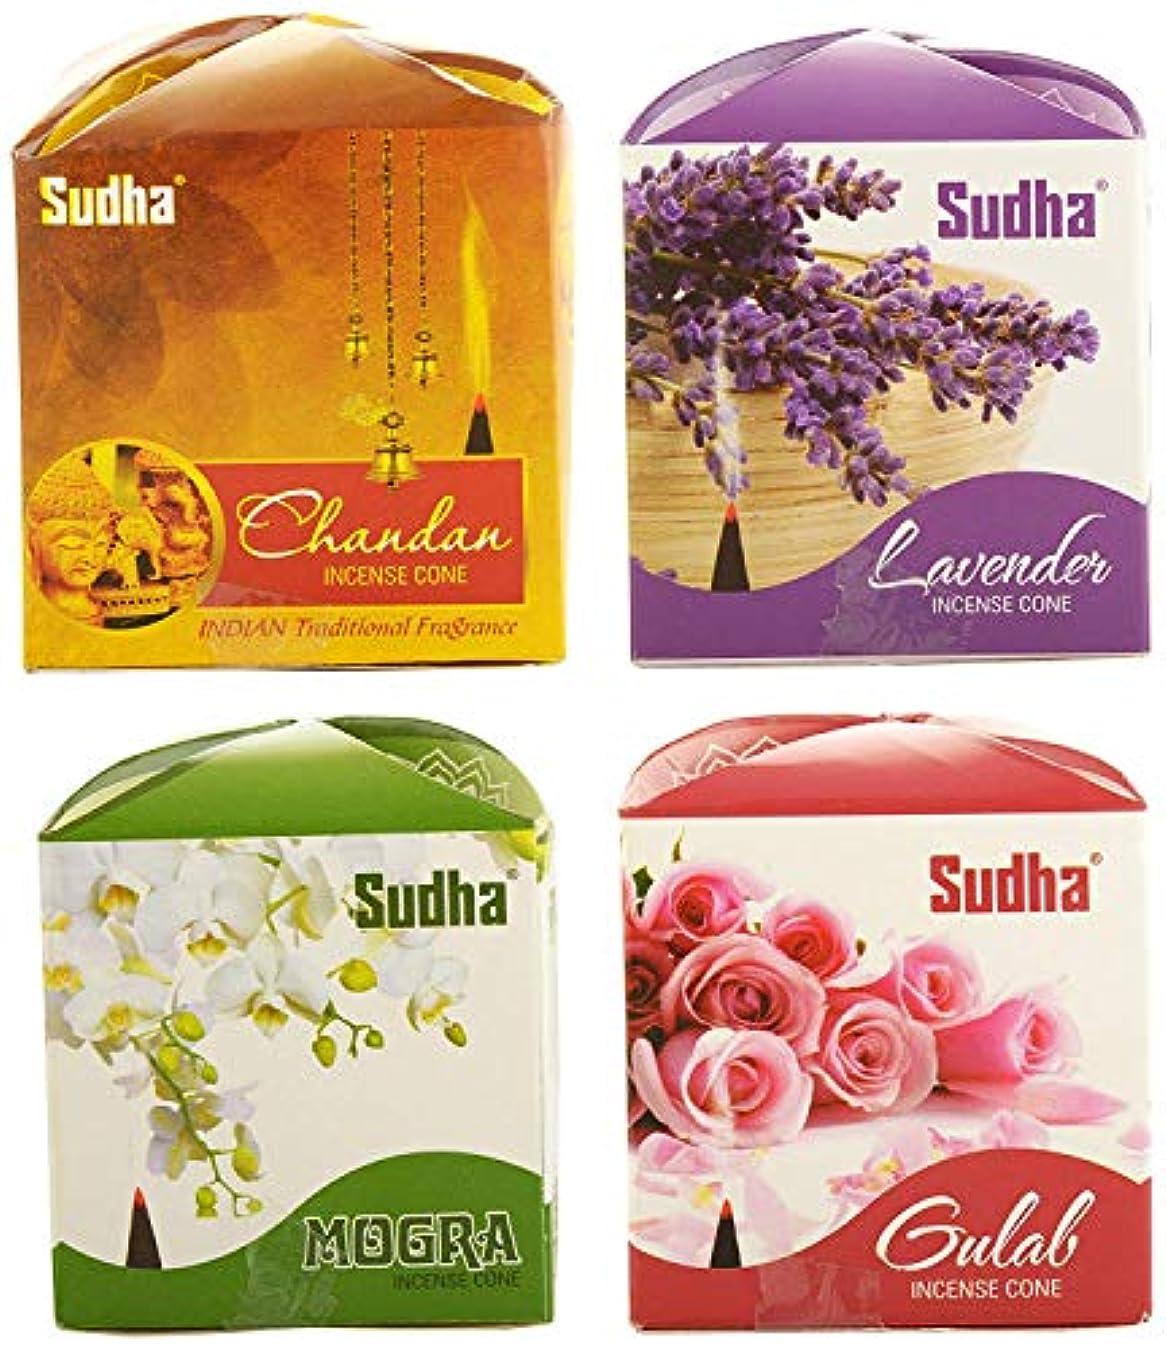 であることアイロニーバンジージャンプSudha sugandh Dhoop Cone in 4 Fragrances with 2 Packs of Each Fragrance (12 cm, 30 g, Brown) -Pack of 8